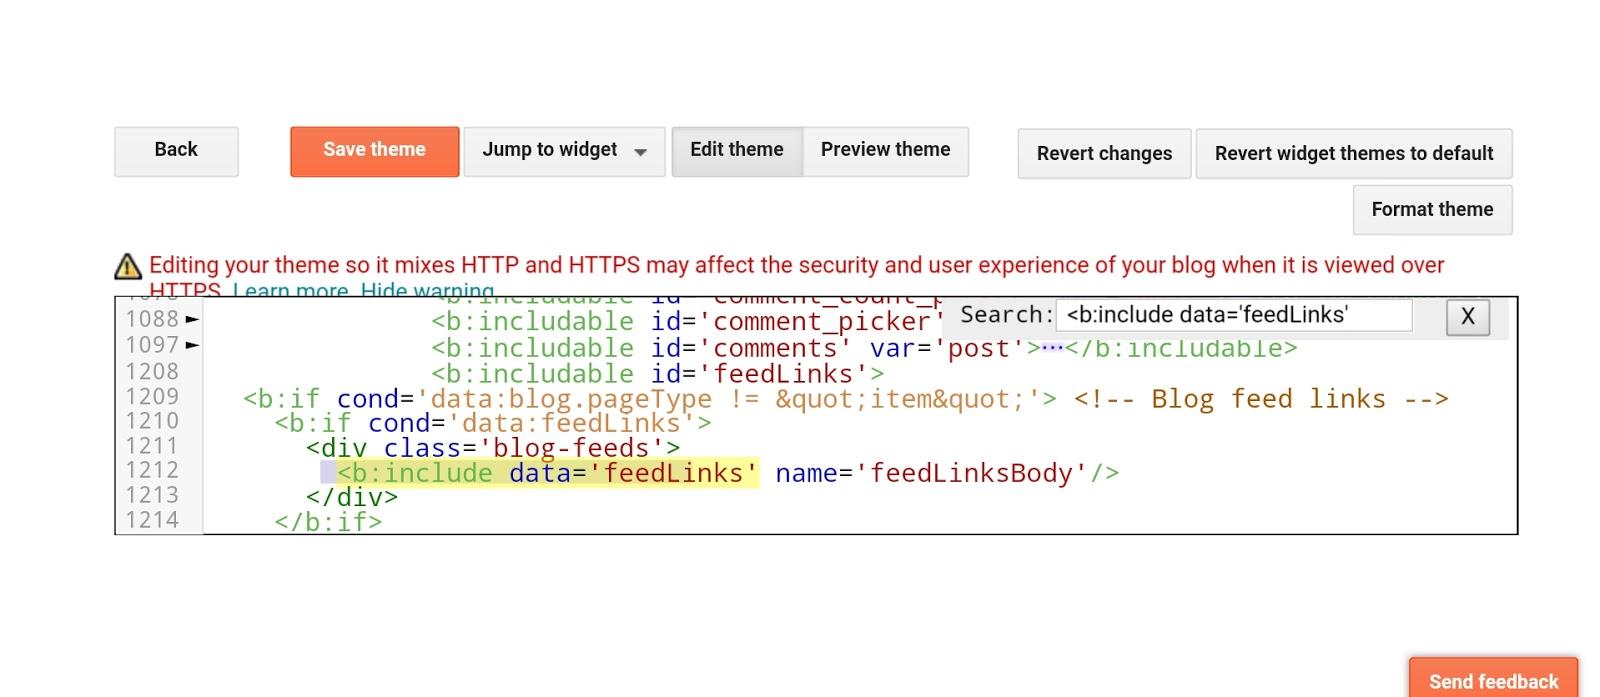 Delete that code